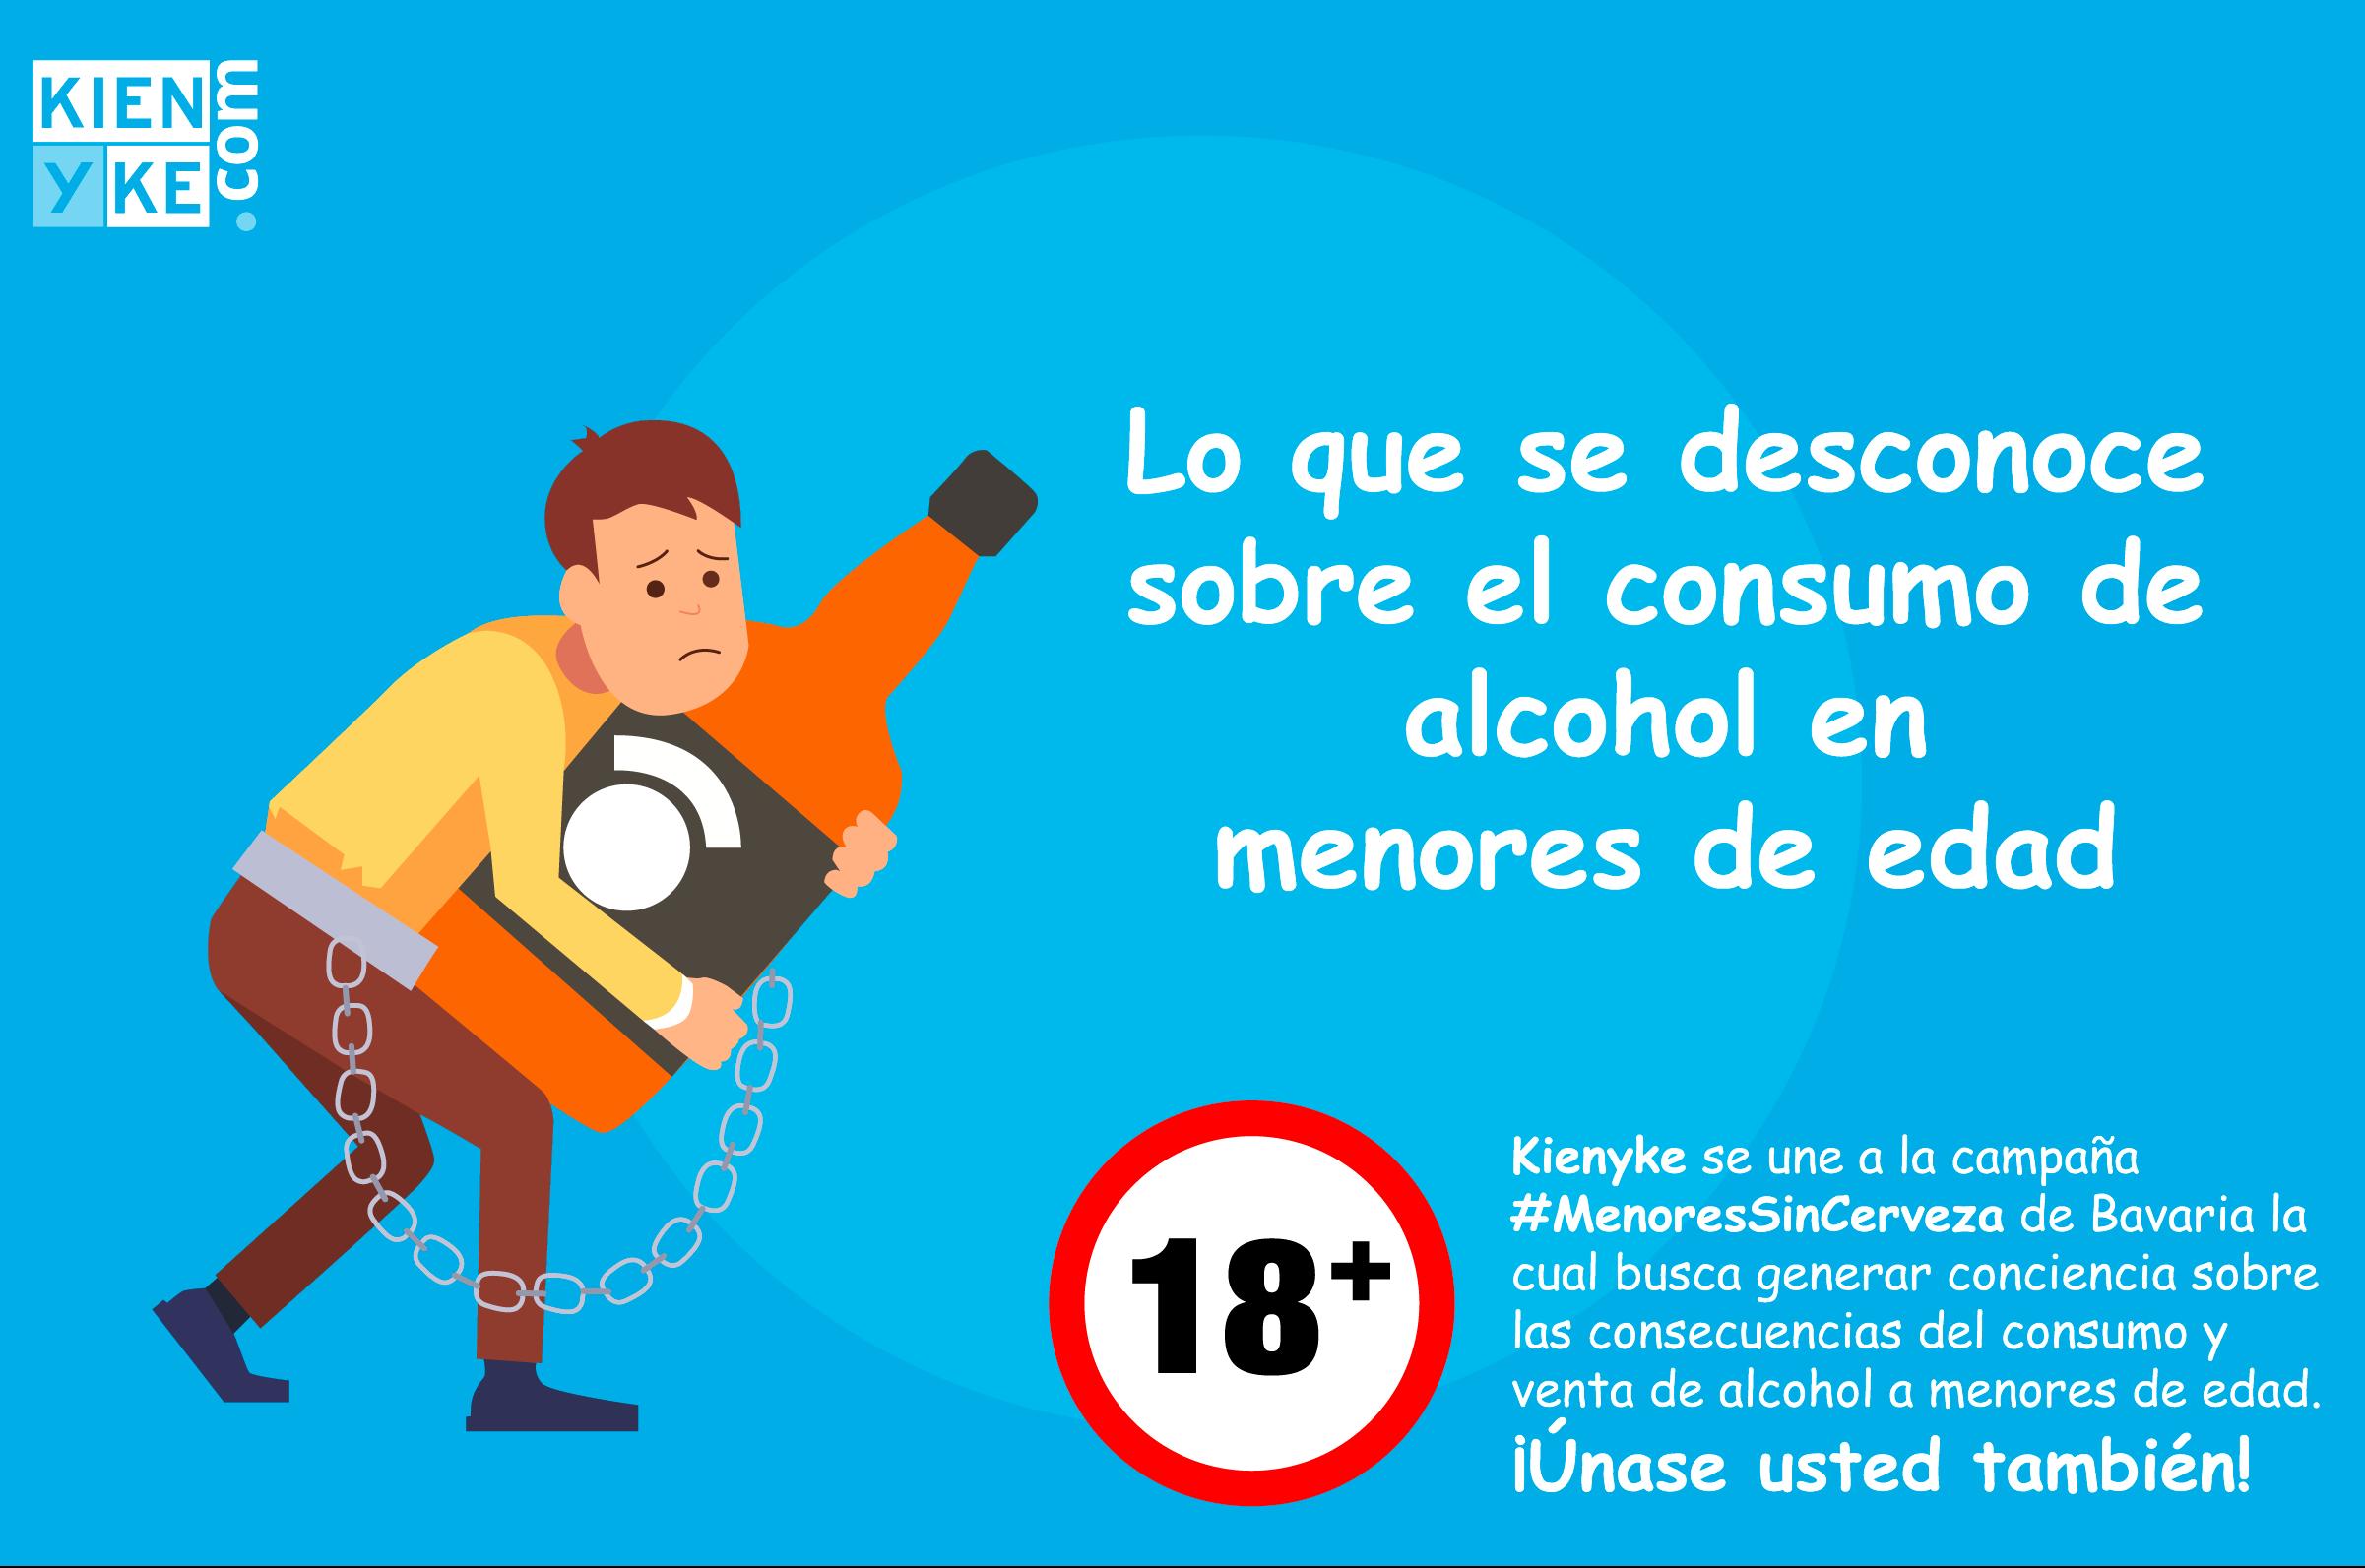 Lo que se desconoce sobre el consumo de alcohol en menores